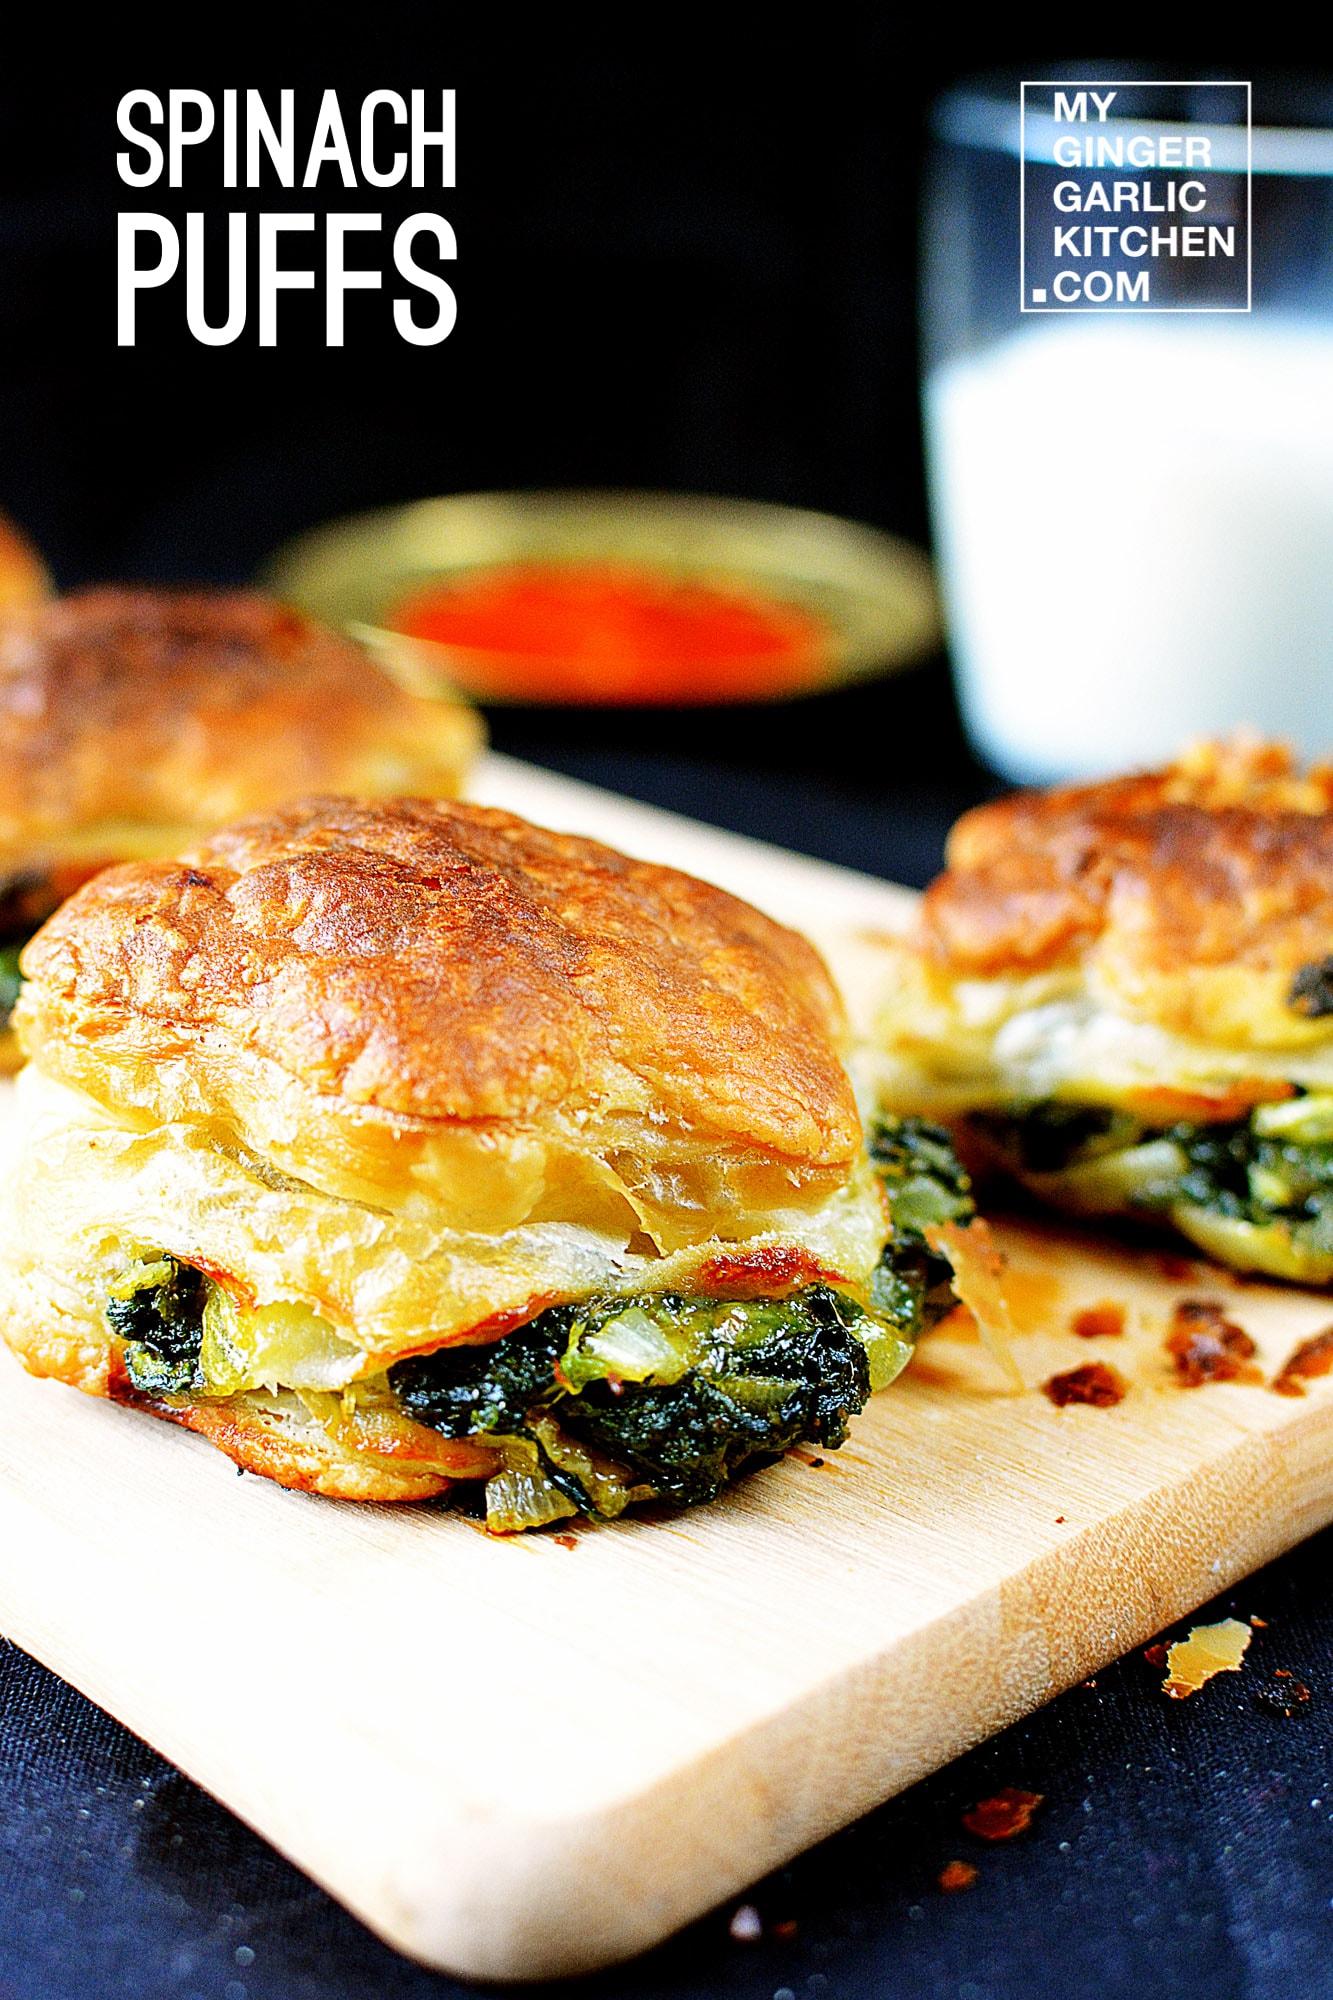 Image - recipe spinach puffs anupama paliwal my ginger garlic kitchen 3 copy